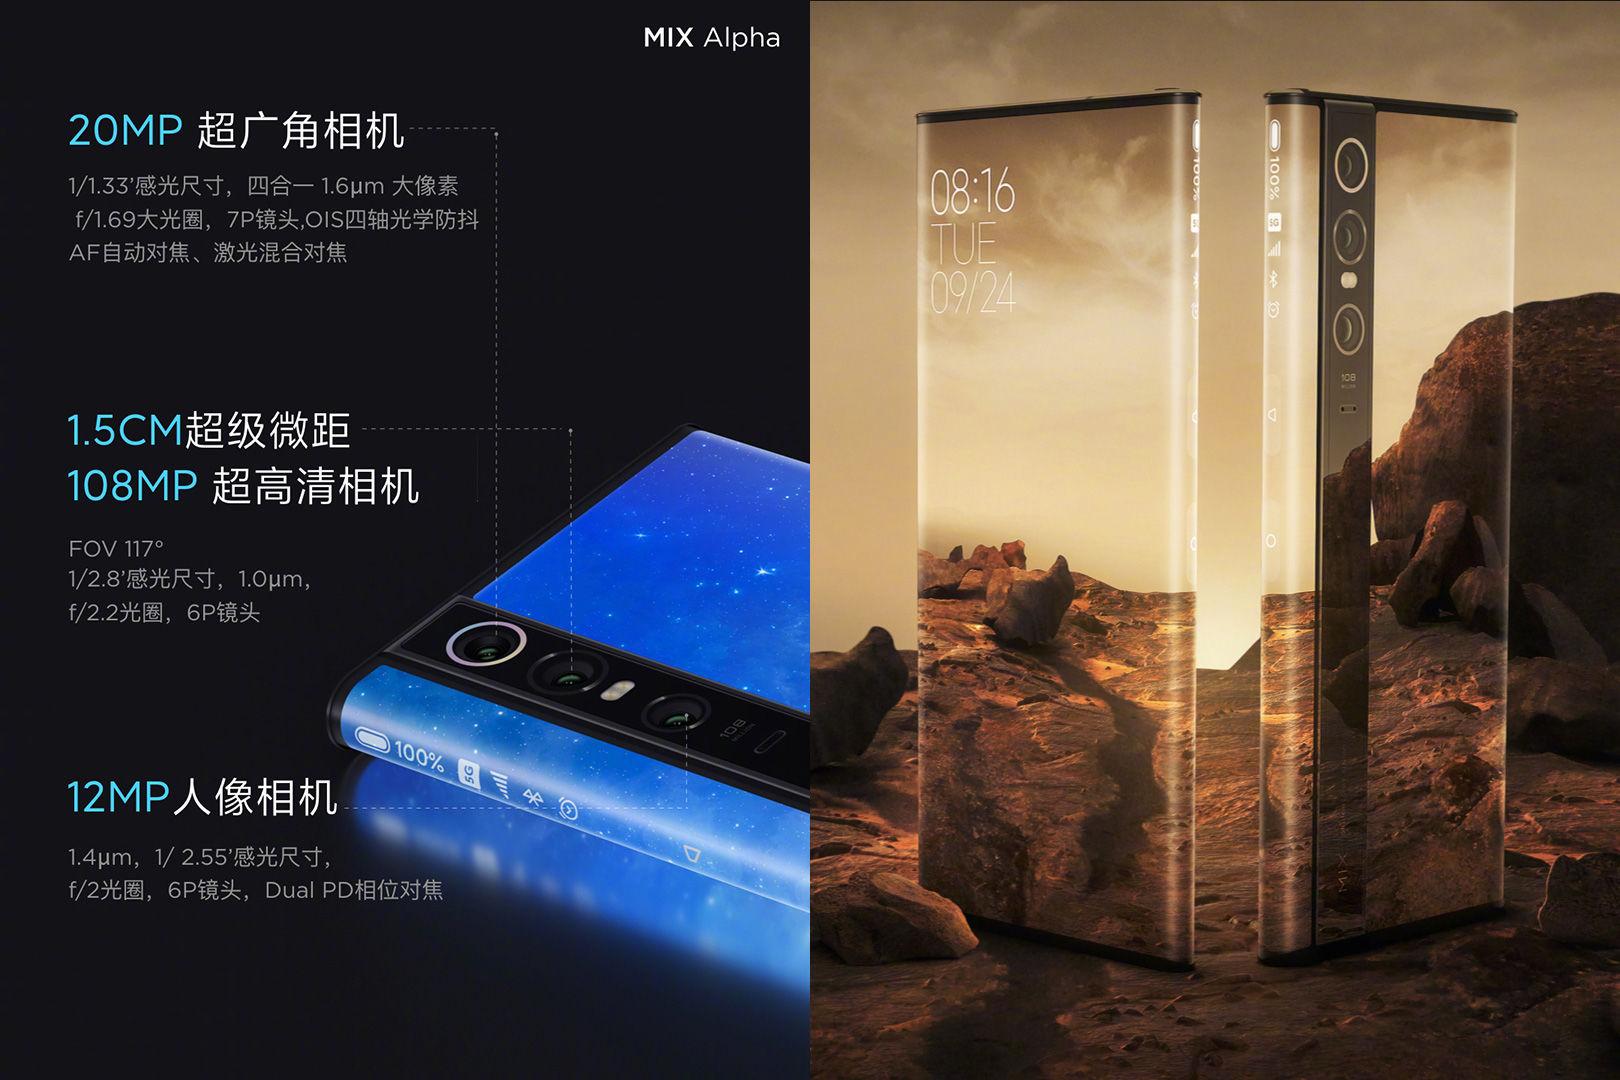 Футуристичният Xiaomi Mi Mix Alpha идва обгръщащ телефона дисплей и 108MP камера!